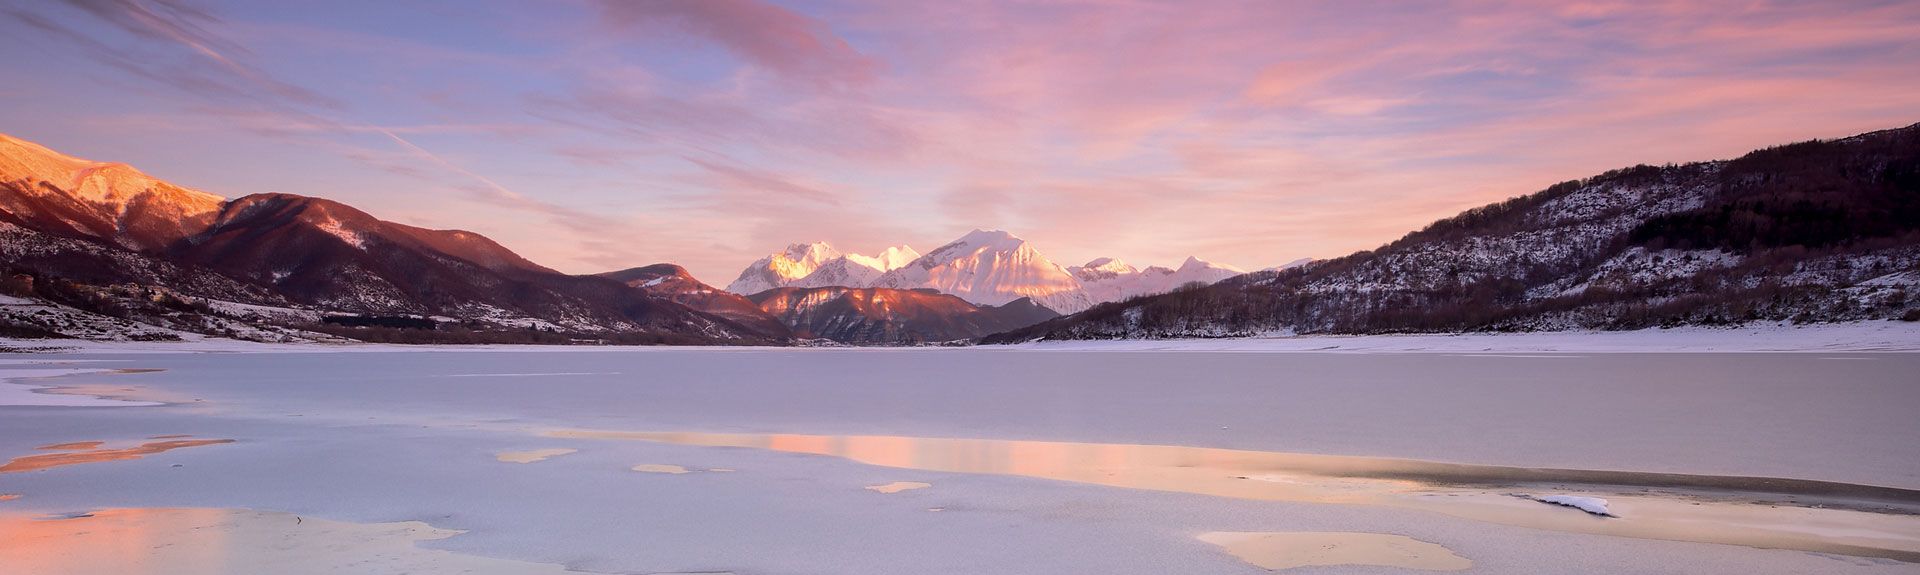 Il lago di Campotosto con ghiaccio